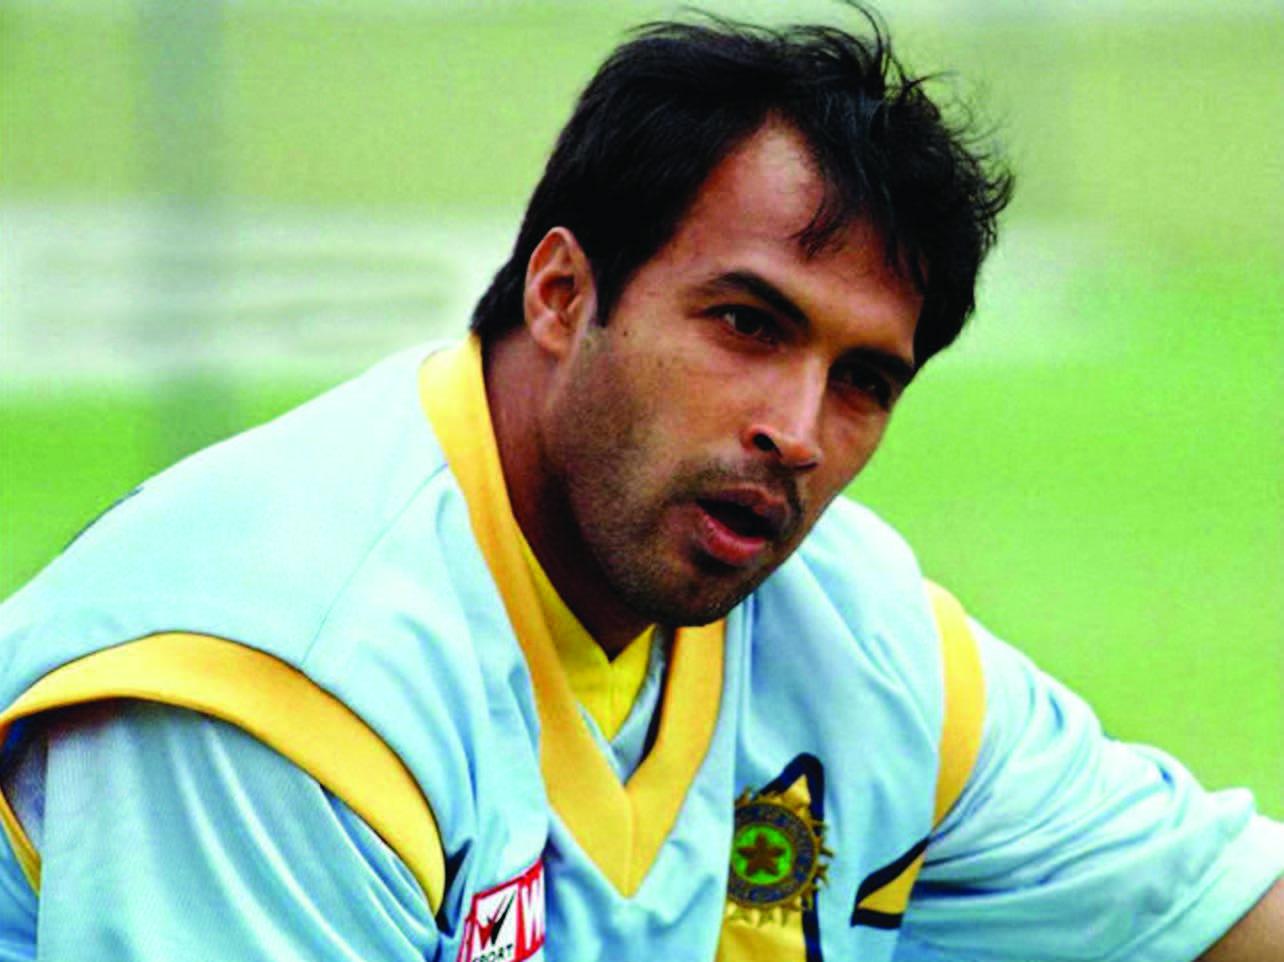 भारत के लिए इंटरनेशनल क्रिकेट खेलने वाले इन 4 क्रिकेटरों का हुआ है विदेश में जन्म 1